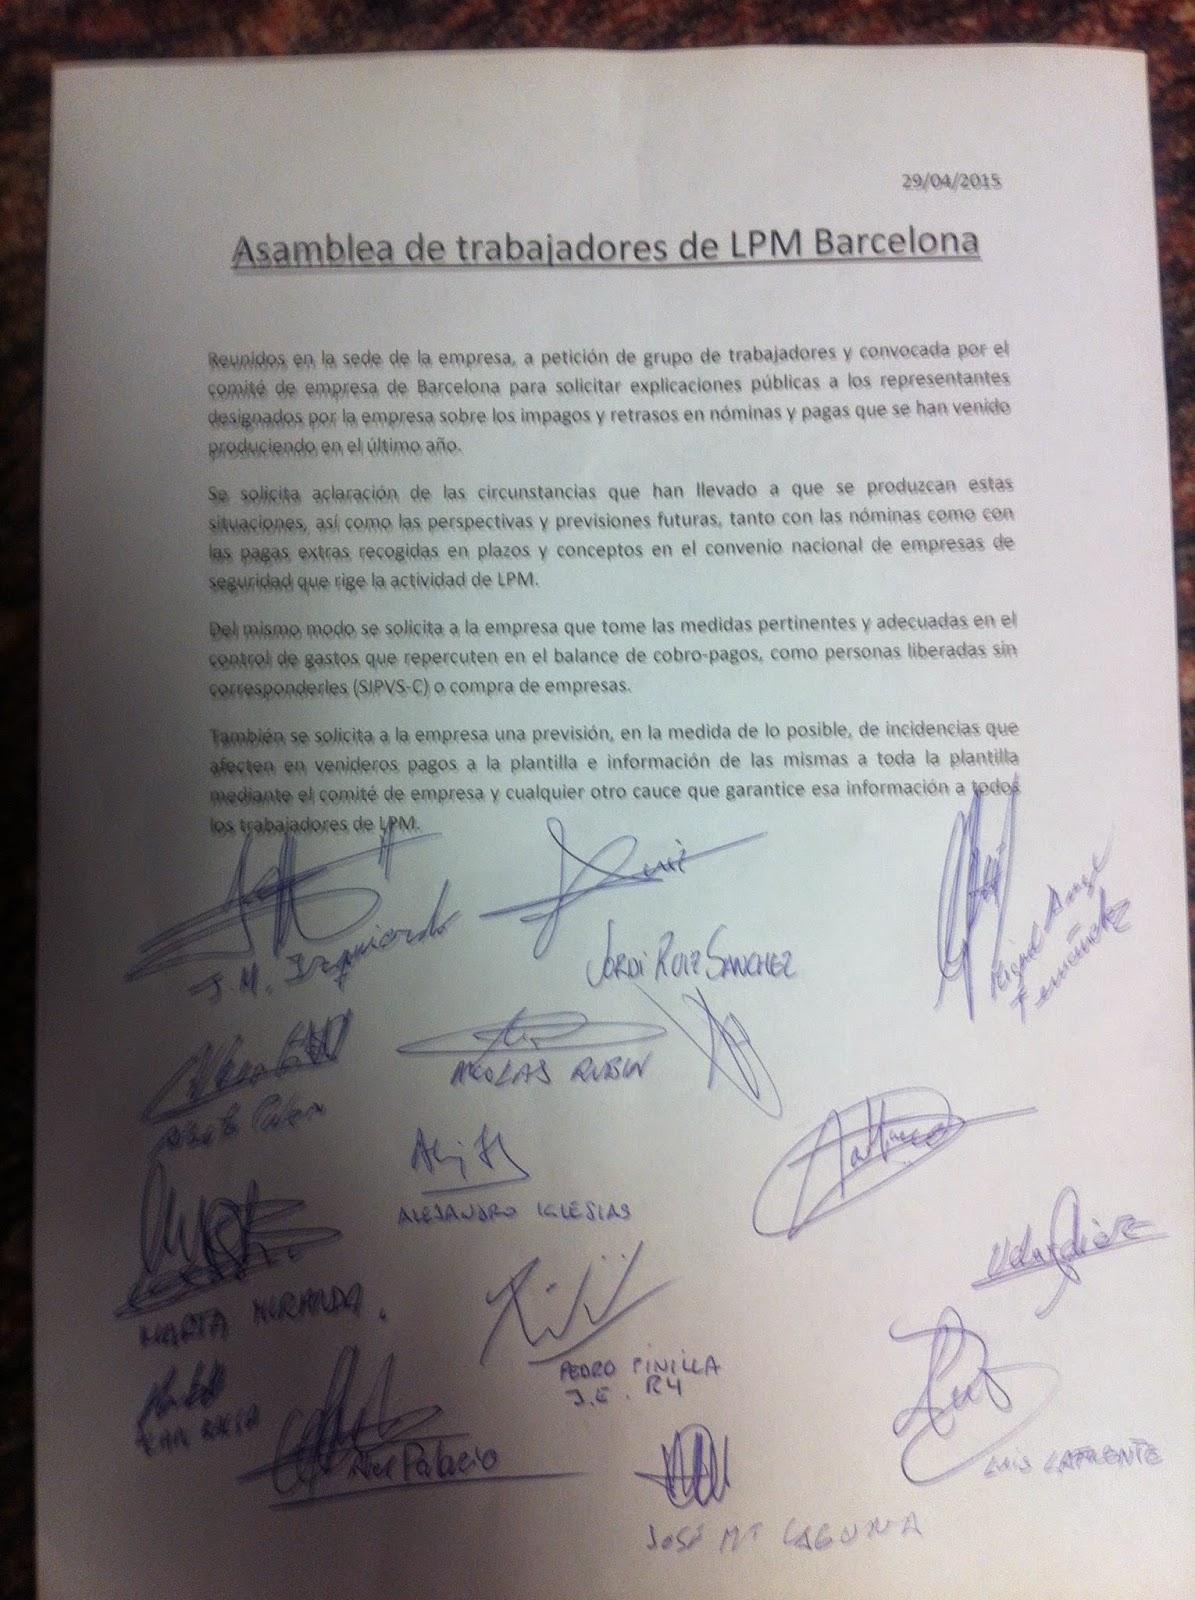 COMITE LPM BARCELONA: abril 2015